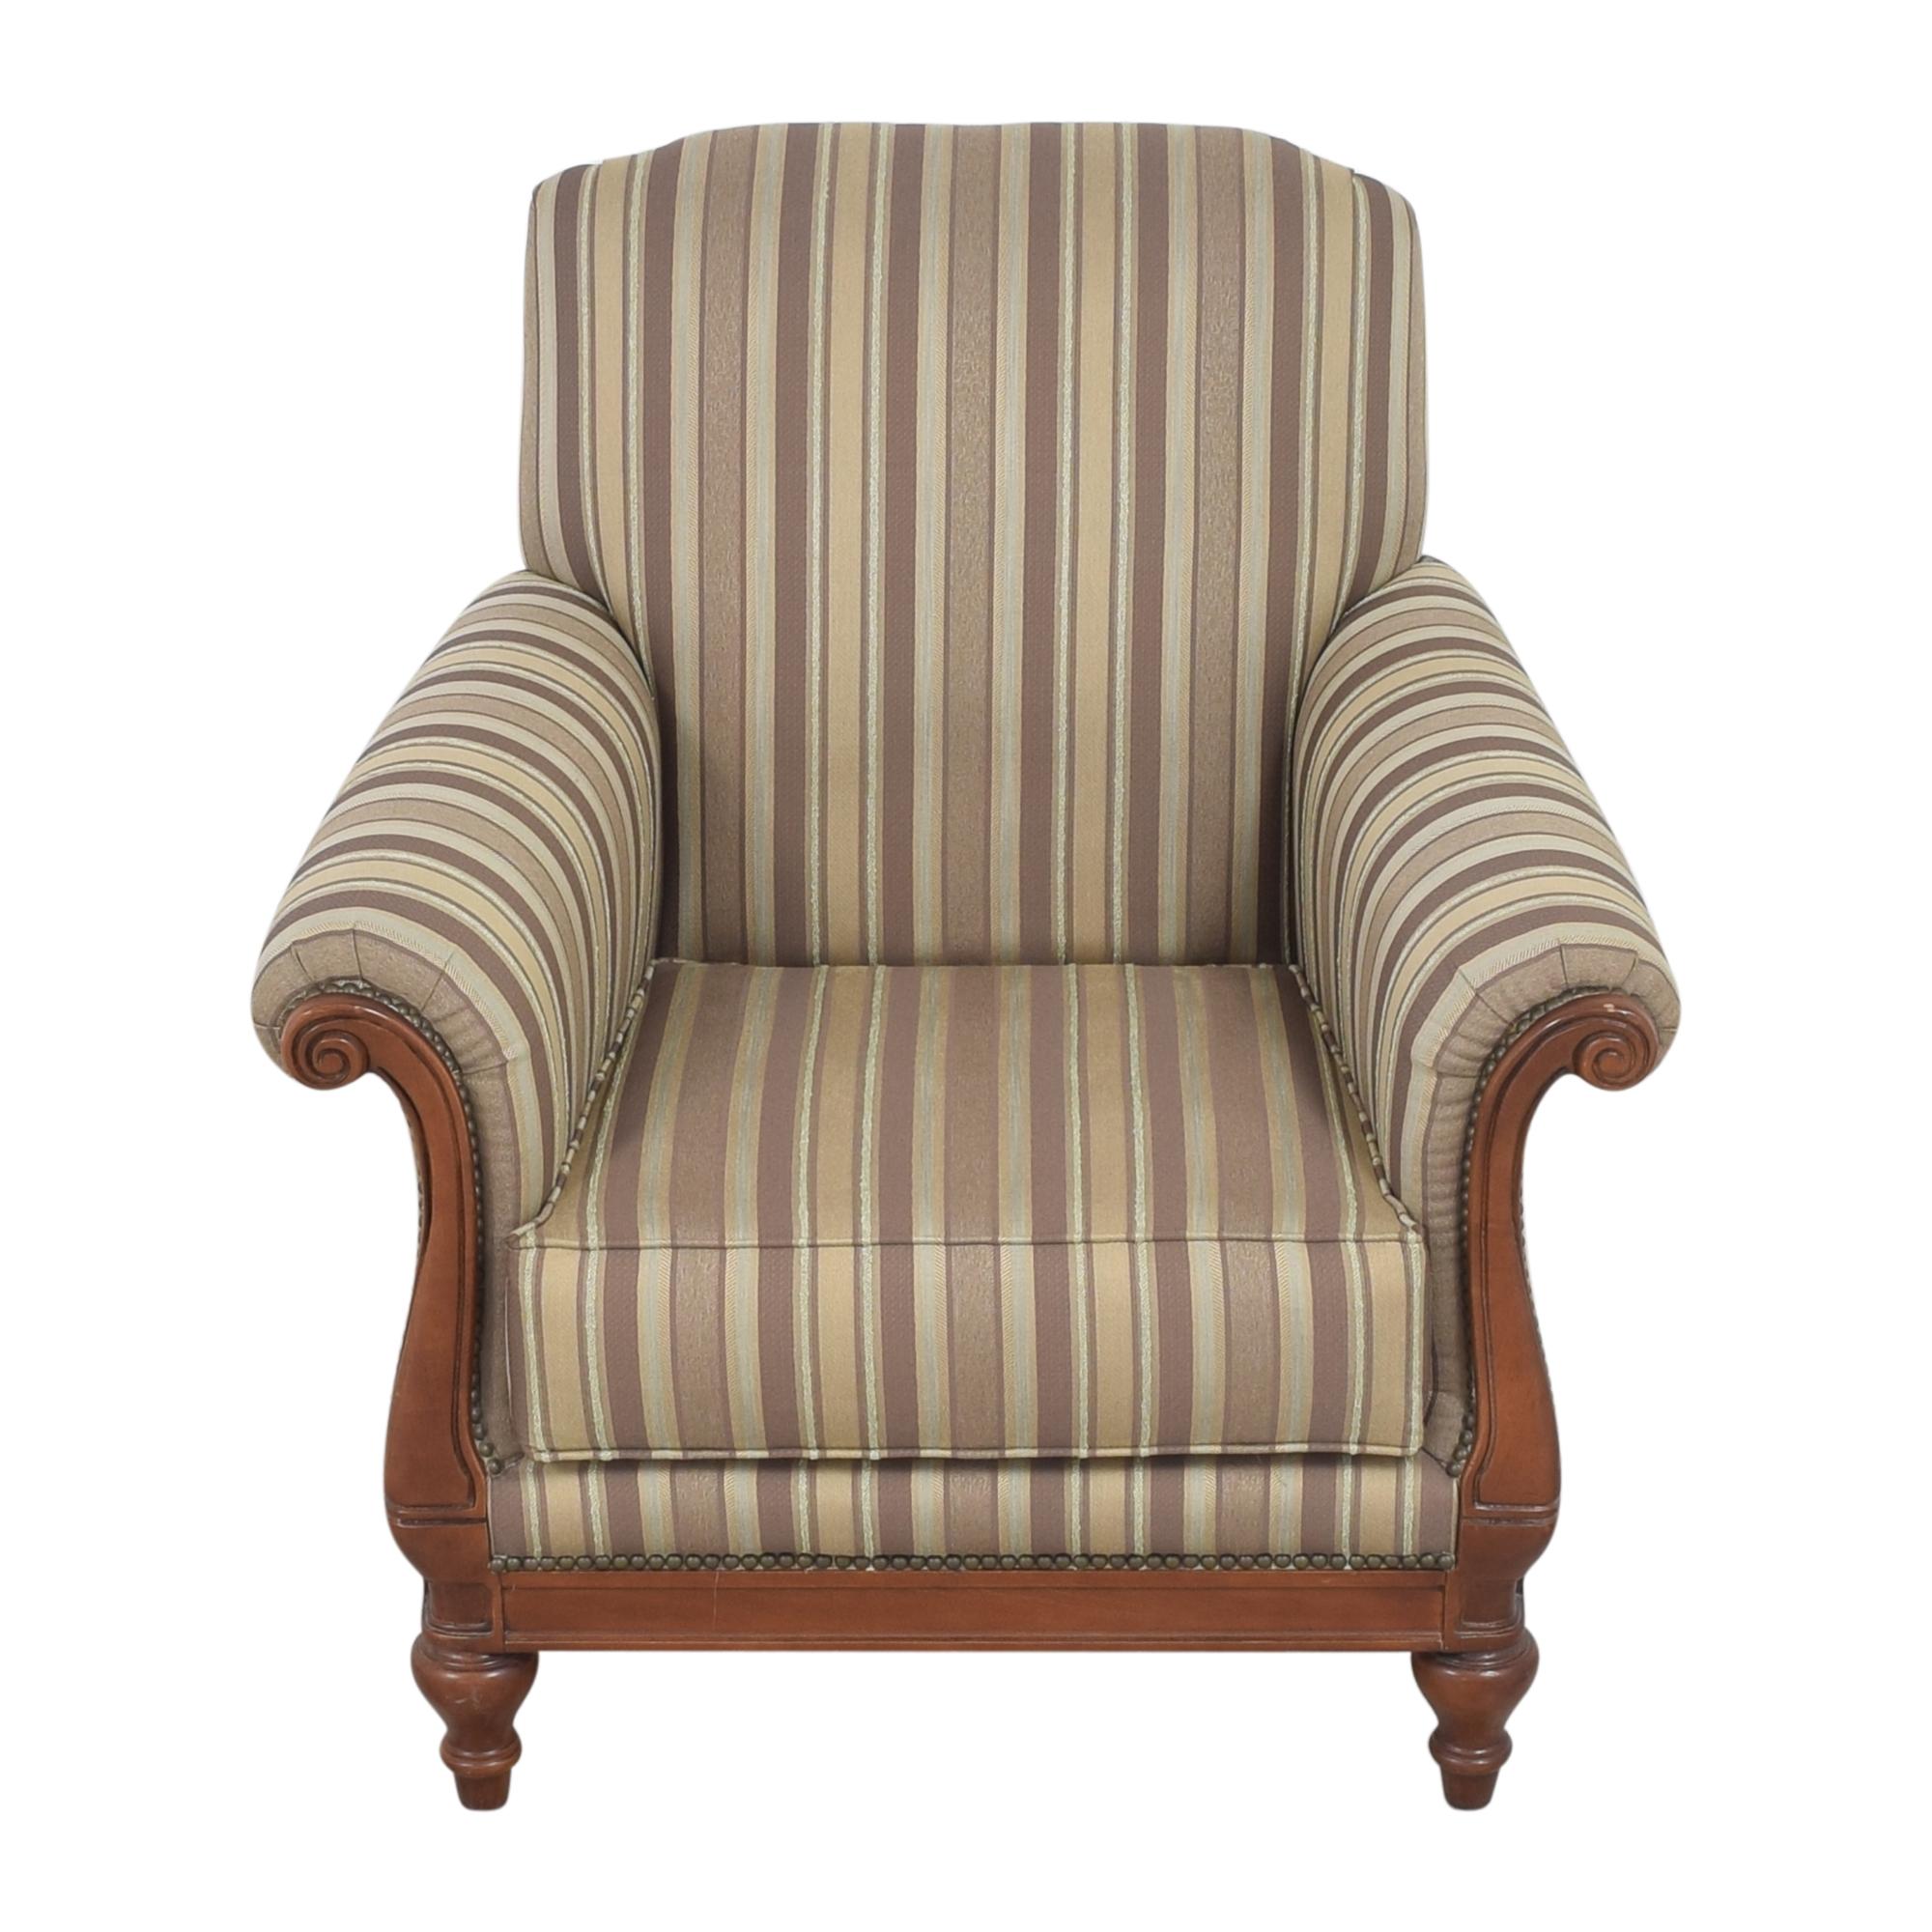 Thomasville Thomasville Stripe Accent Chair discount